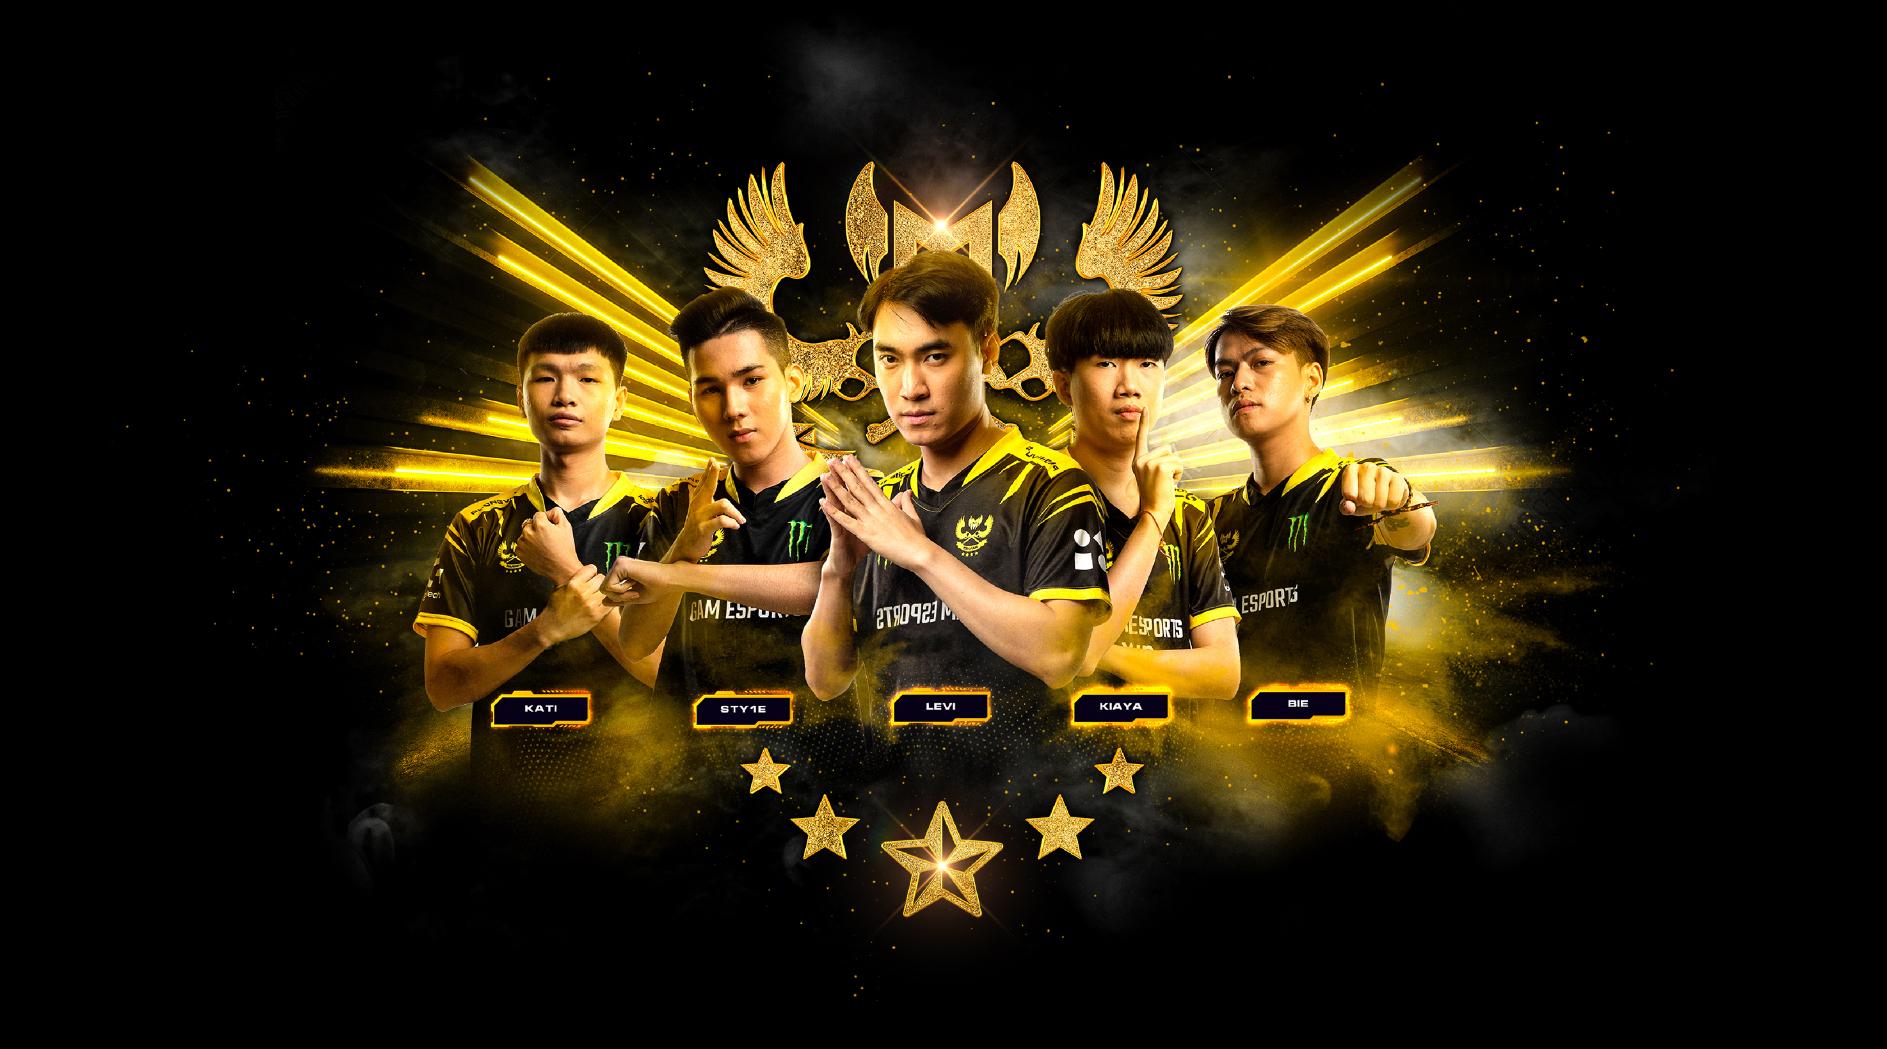 Gam esports team